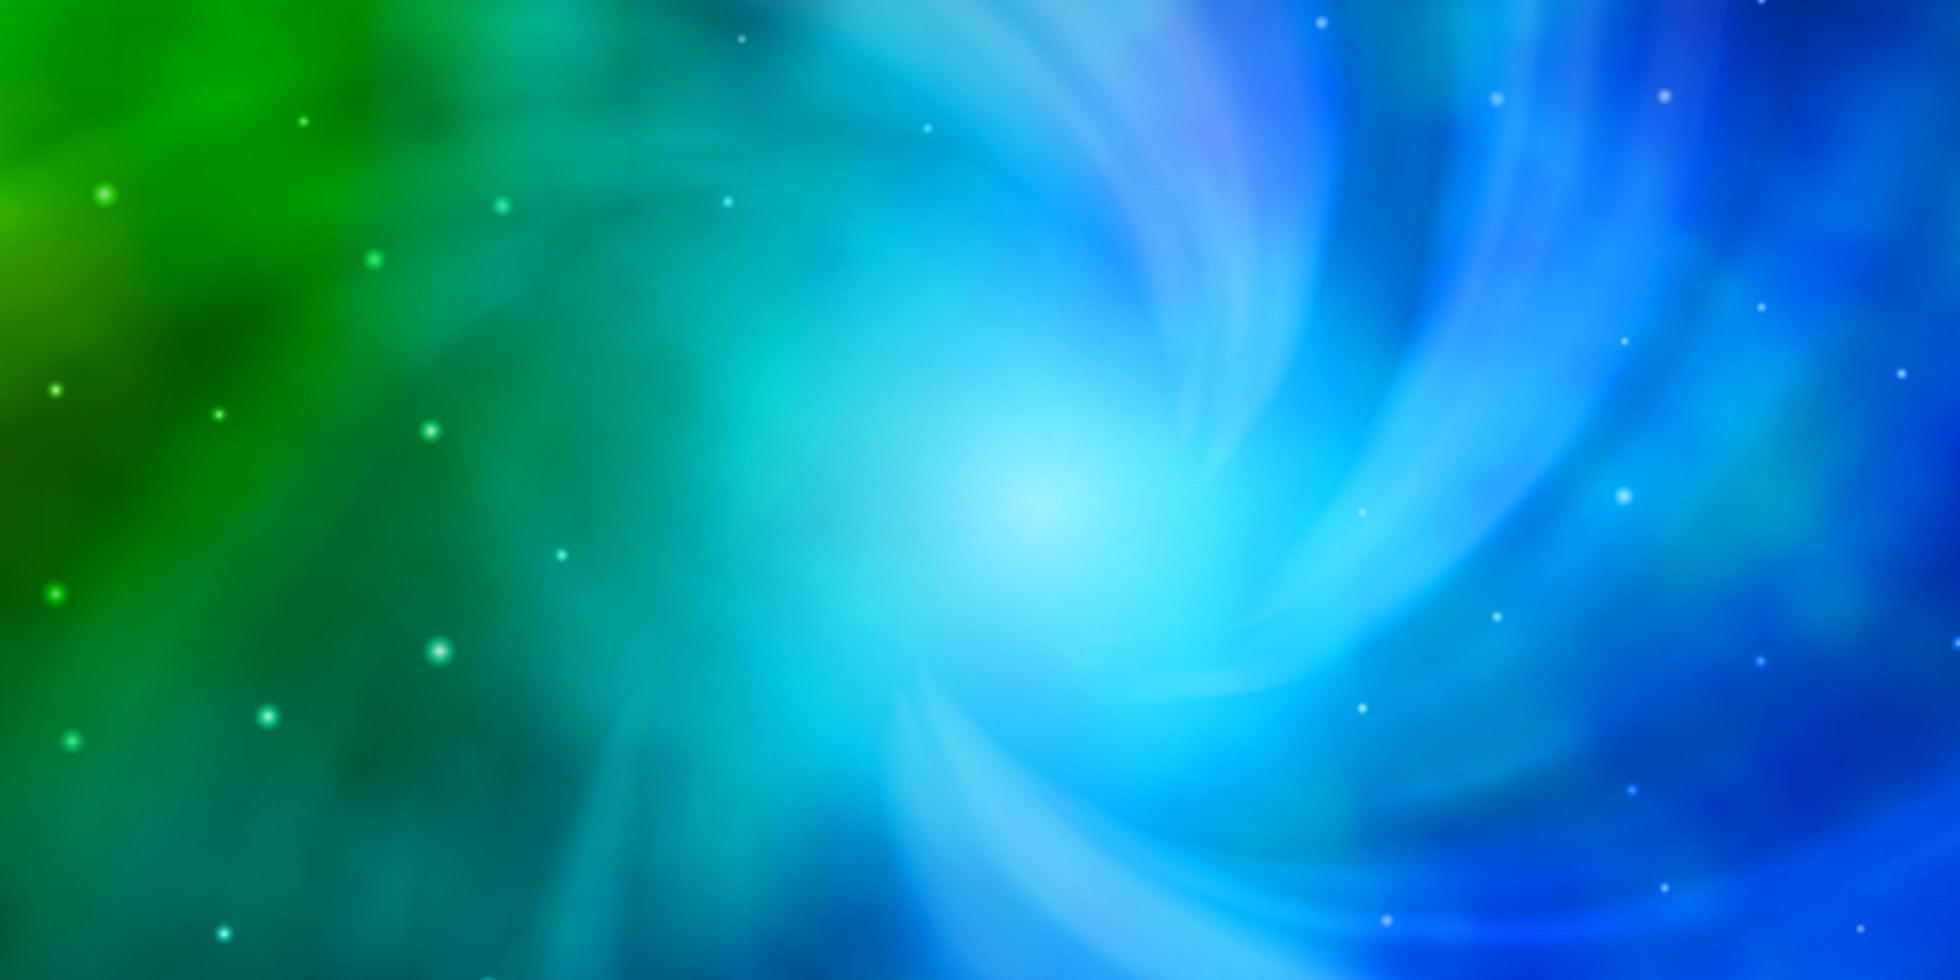 diseño azul claro, verde con estrellas brillantes. vector